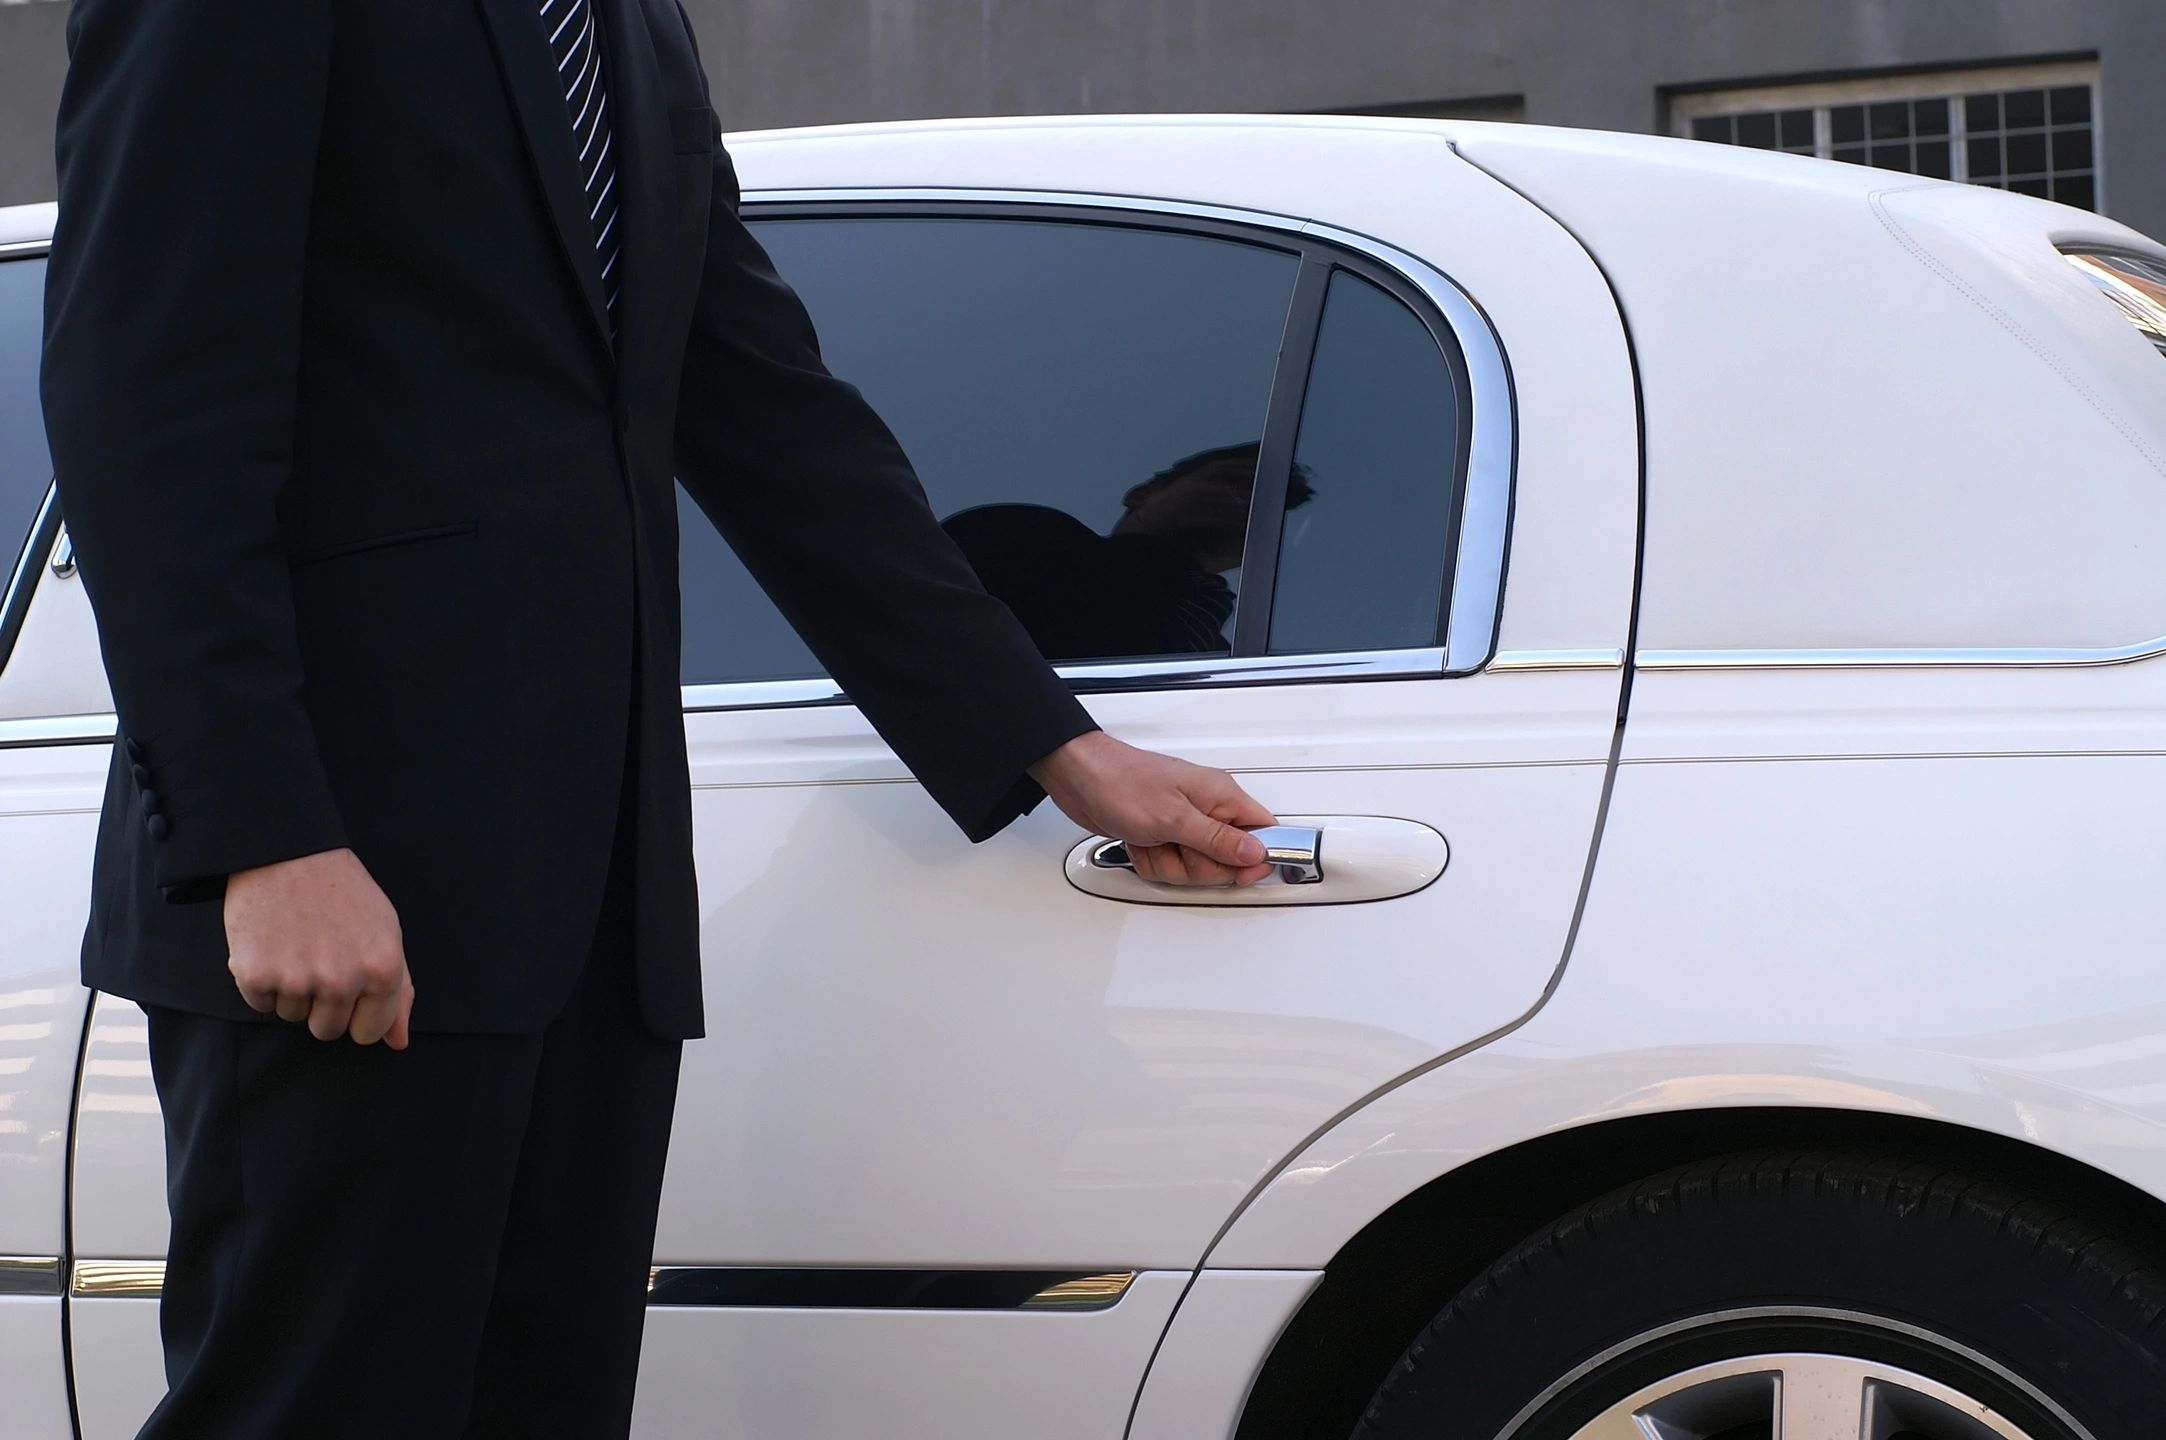 limousine rental tour service